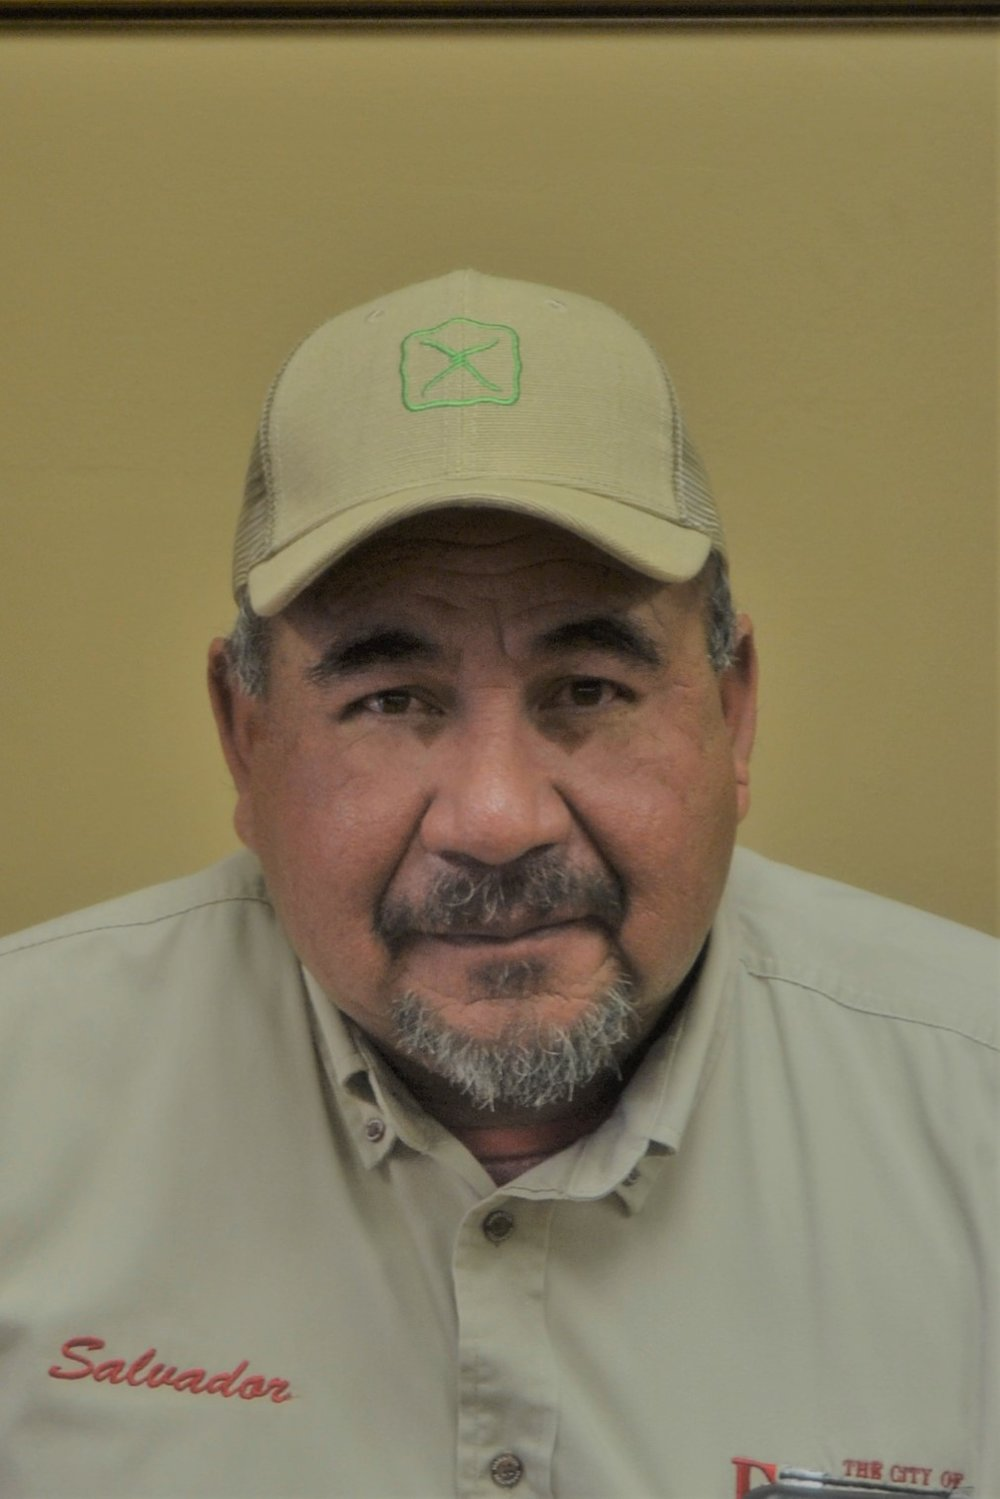 Salvador Garcia Public Works Director